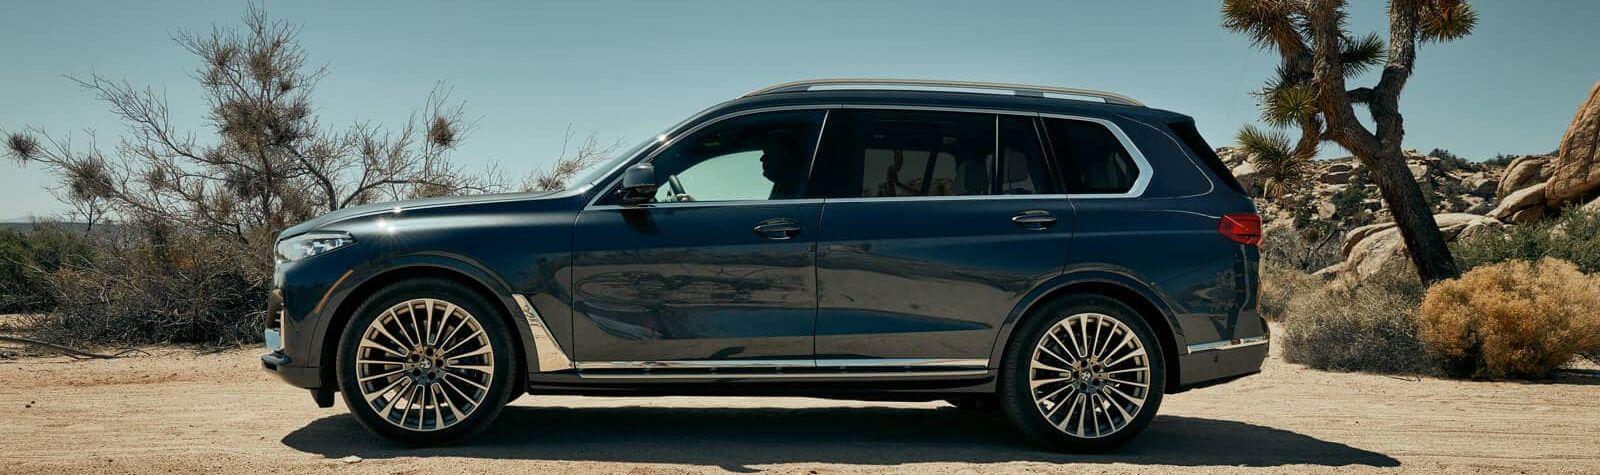 2019 BMW X7 for Sale near Dallas, TX